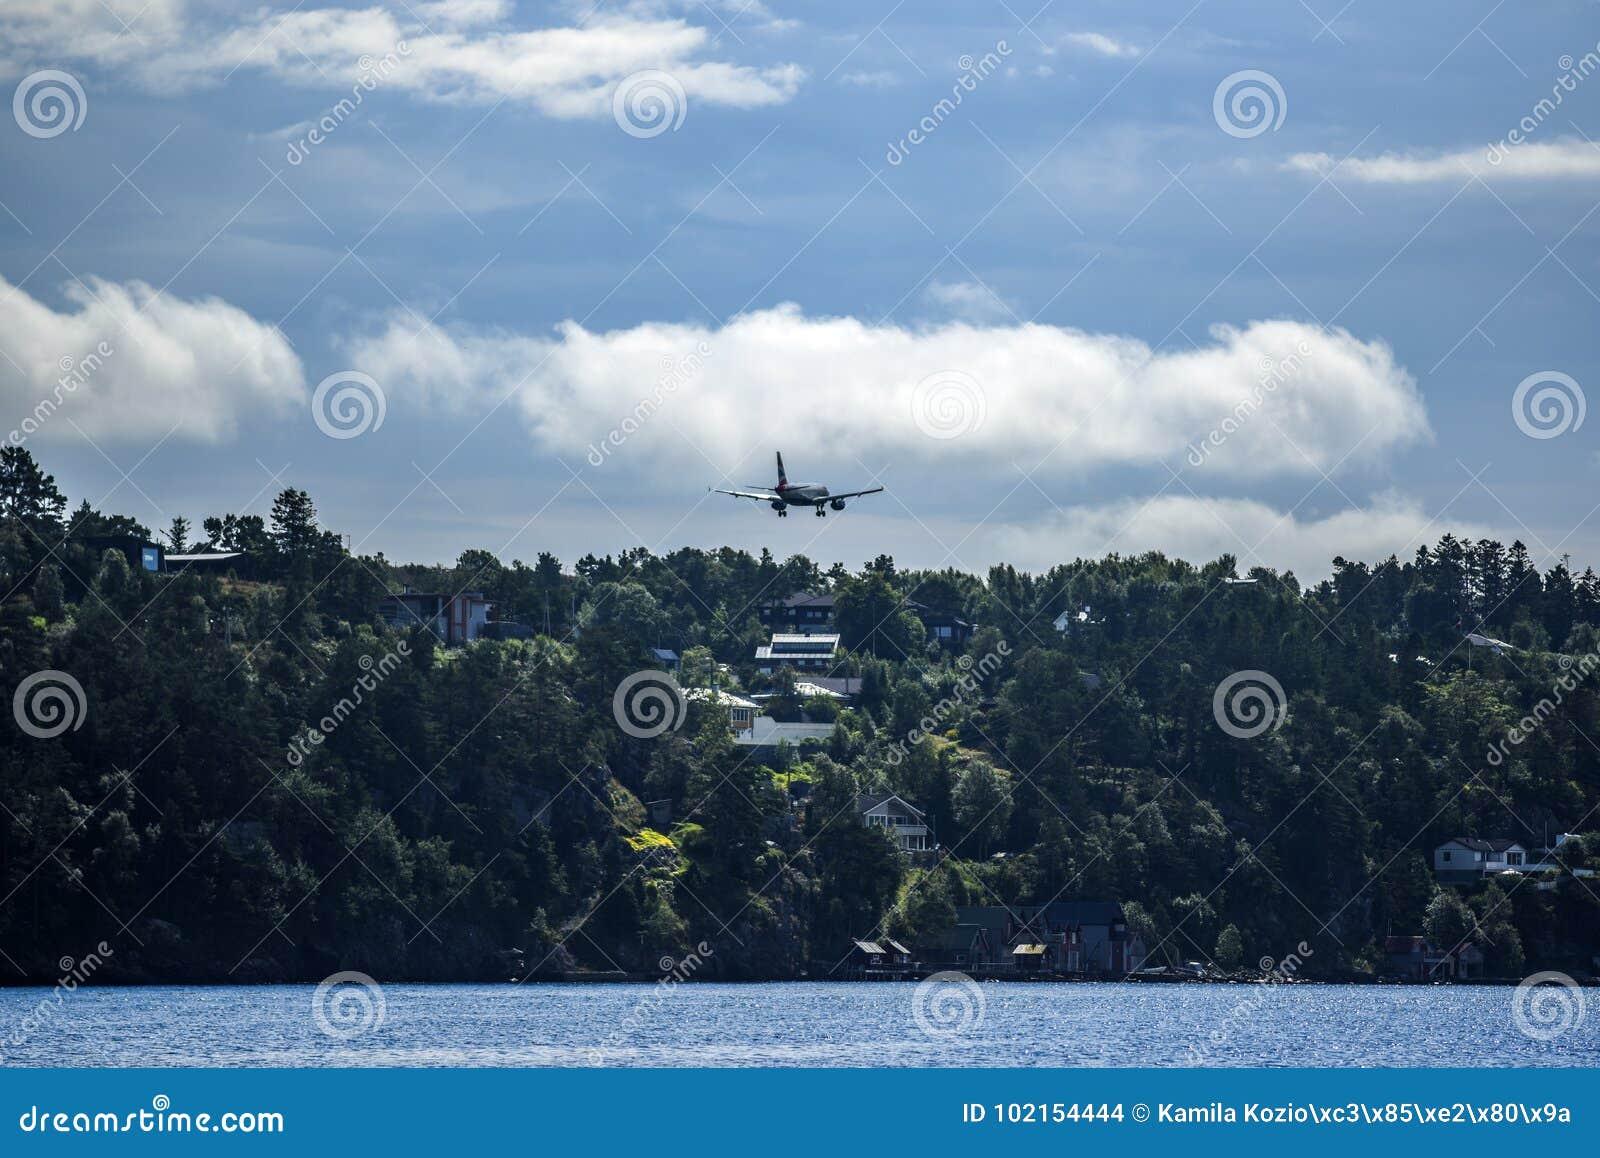 Aterrizaje inminente del aeroplano, Bergen Airport, Noruega